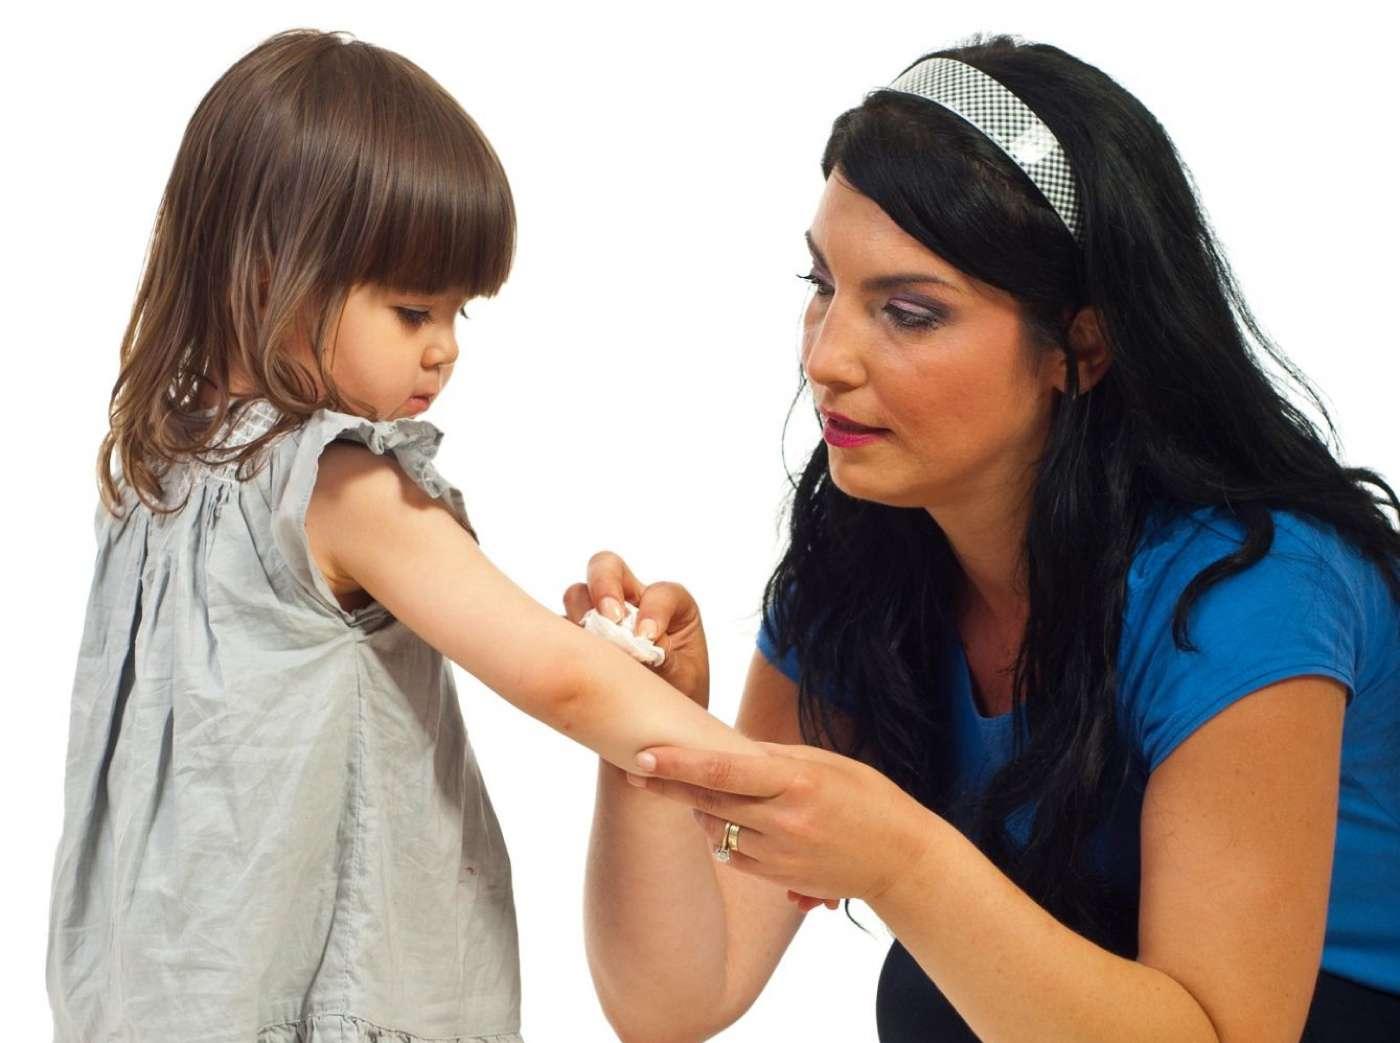 La fausse étude conclut en l'inutilité des bisous maternels pour guérir les bobos et recommande un moratoire sur cette pratique. © Blaj Gabriel, Shutterstock